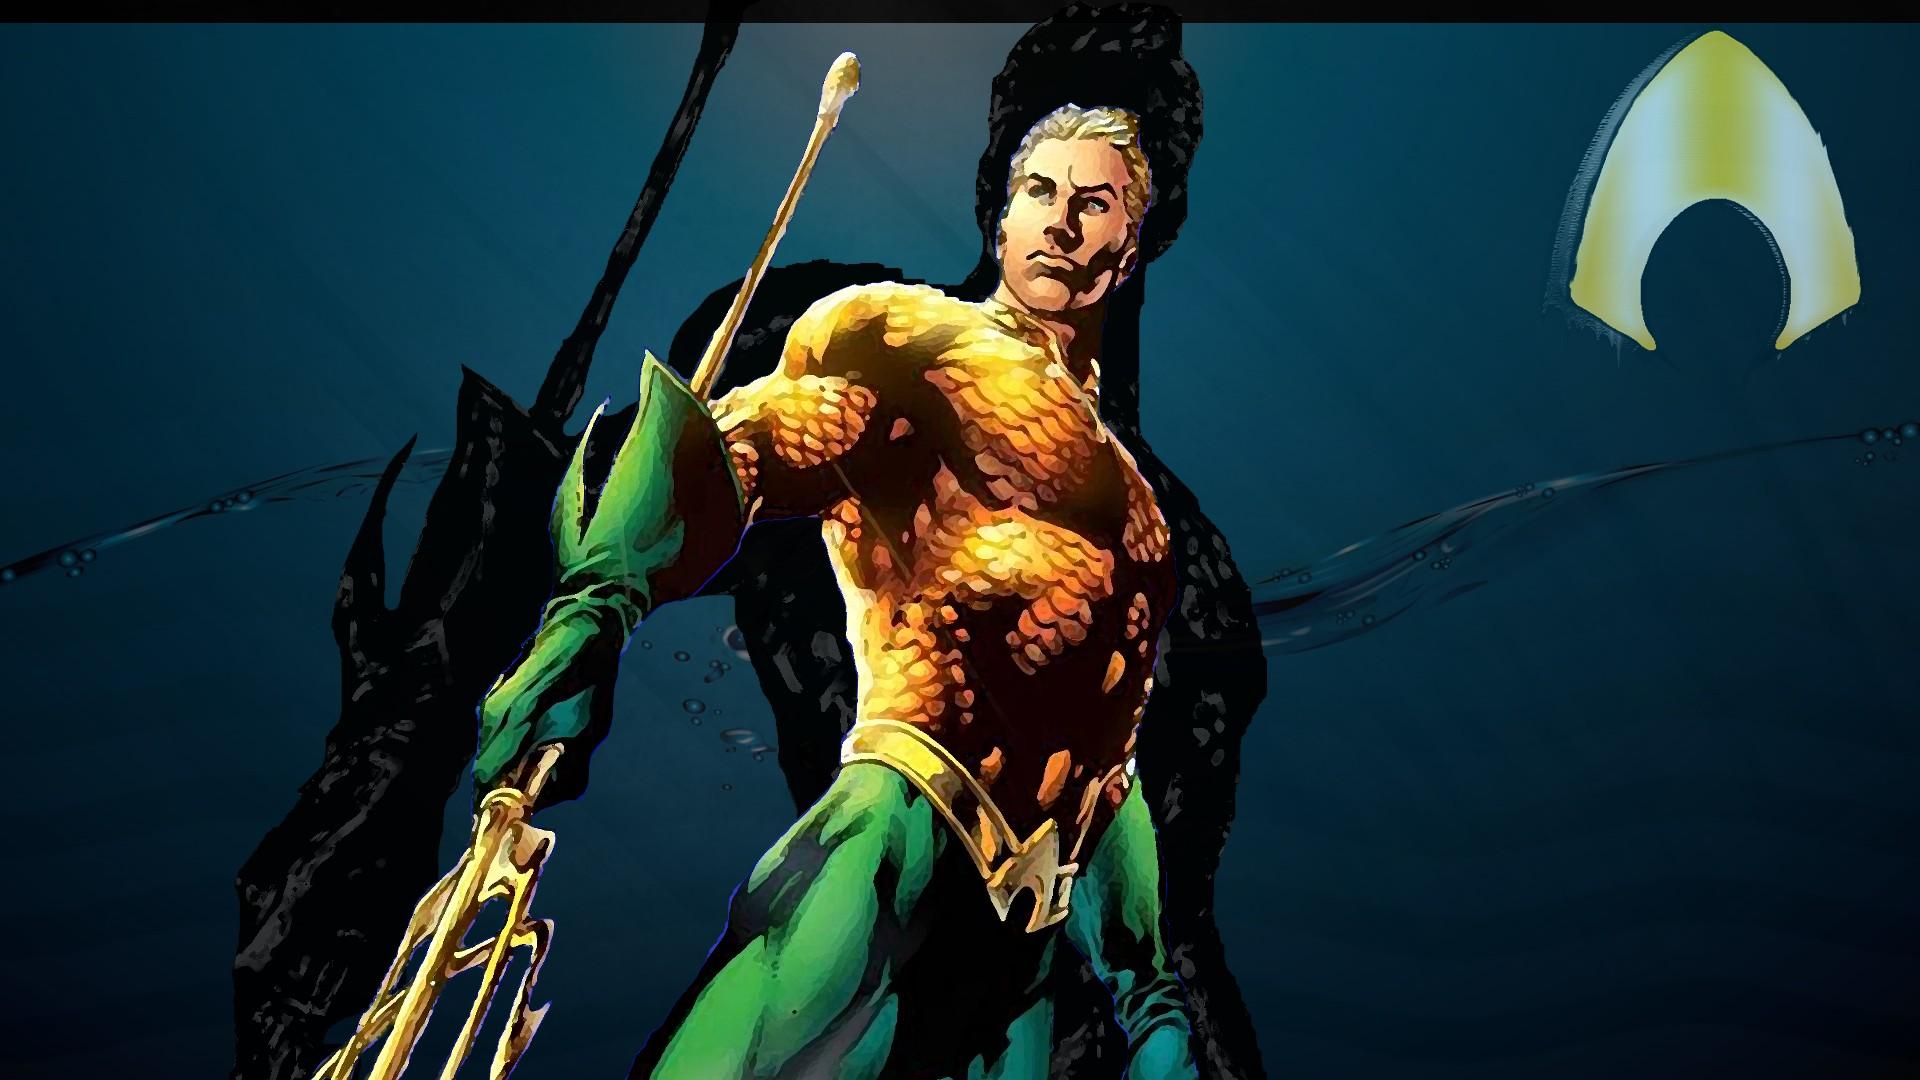 Aquaman is een superheld uit de strips van DC Comics Hij werd bedacht door Paul Norris en Mort Weisinger en maakte zijn debuut in More Fun Comics 73 november 1941